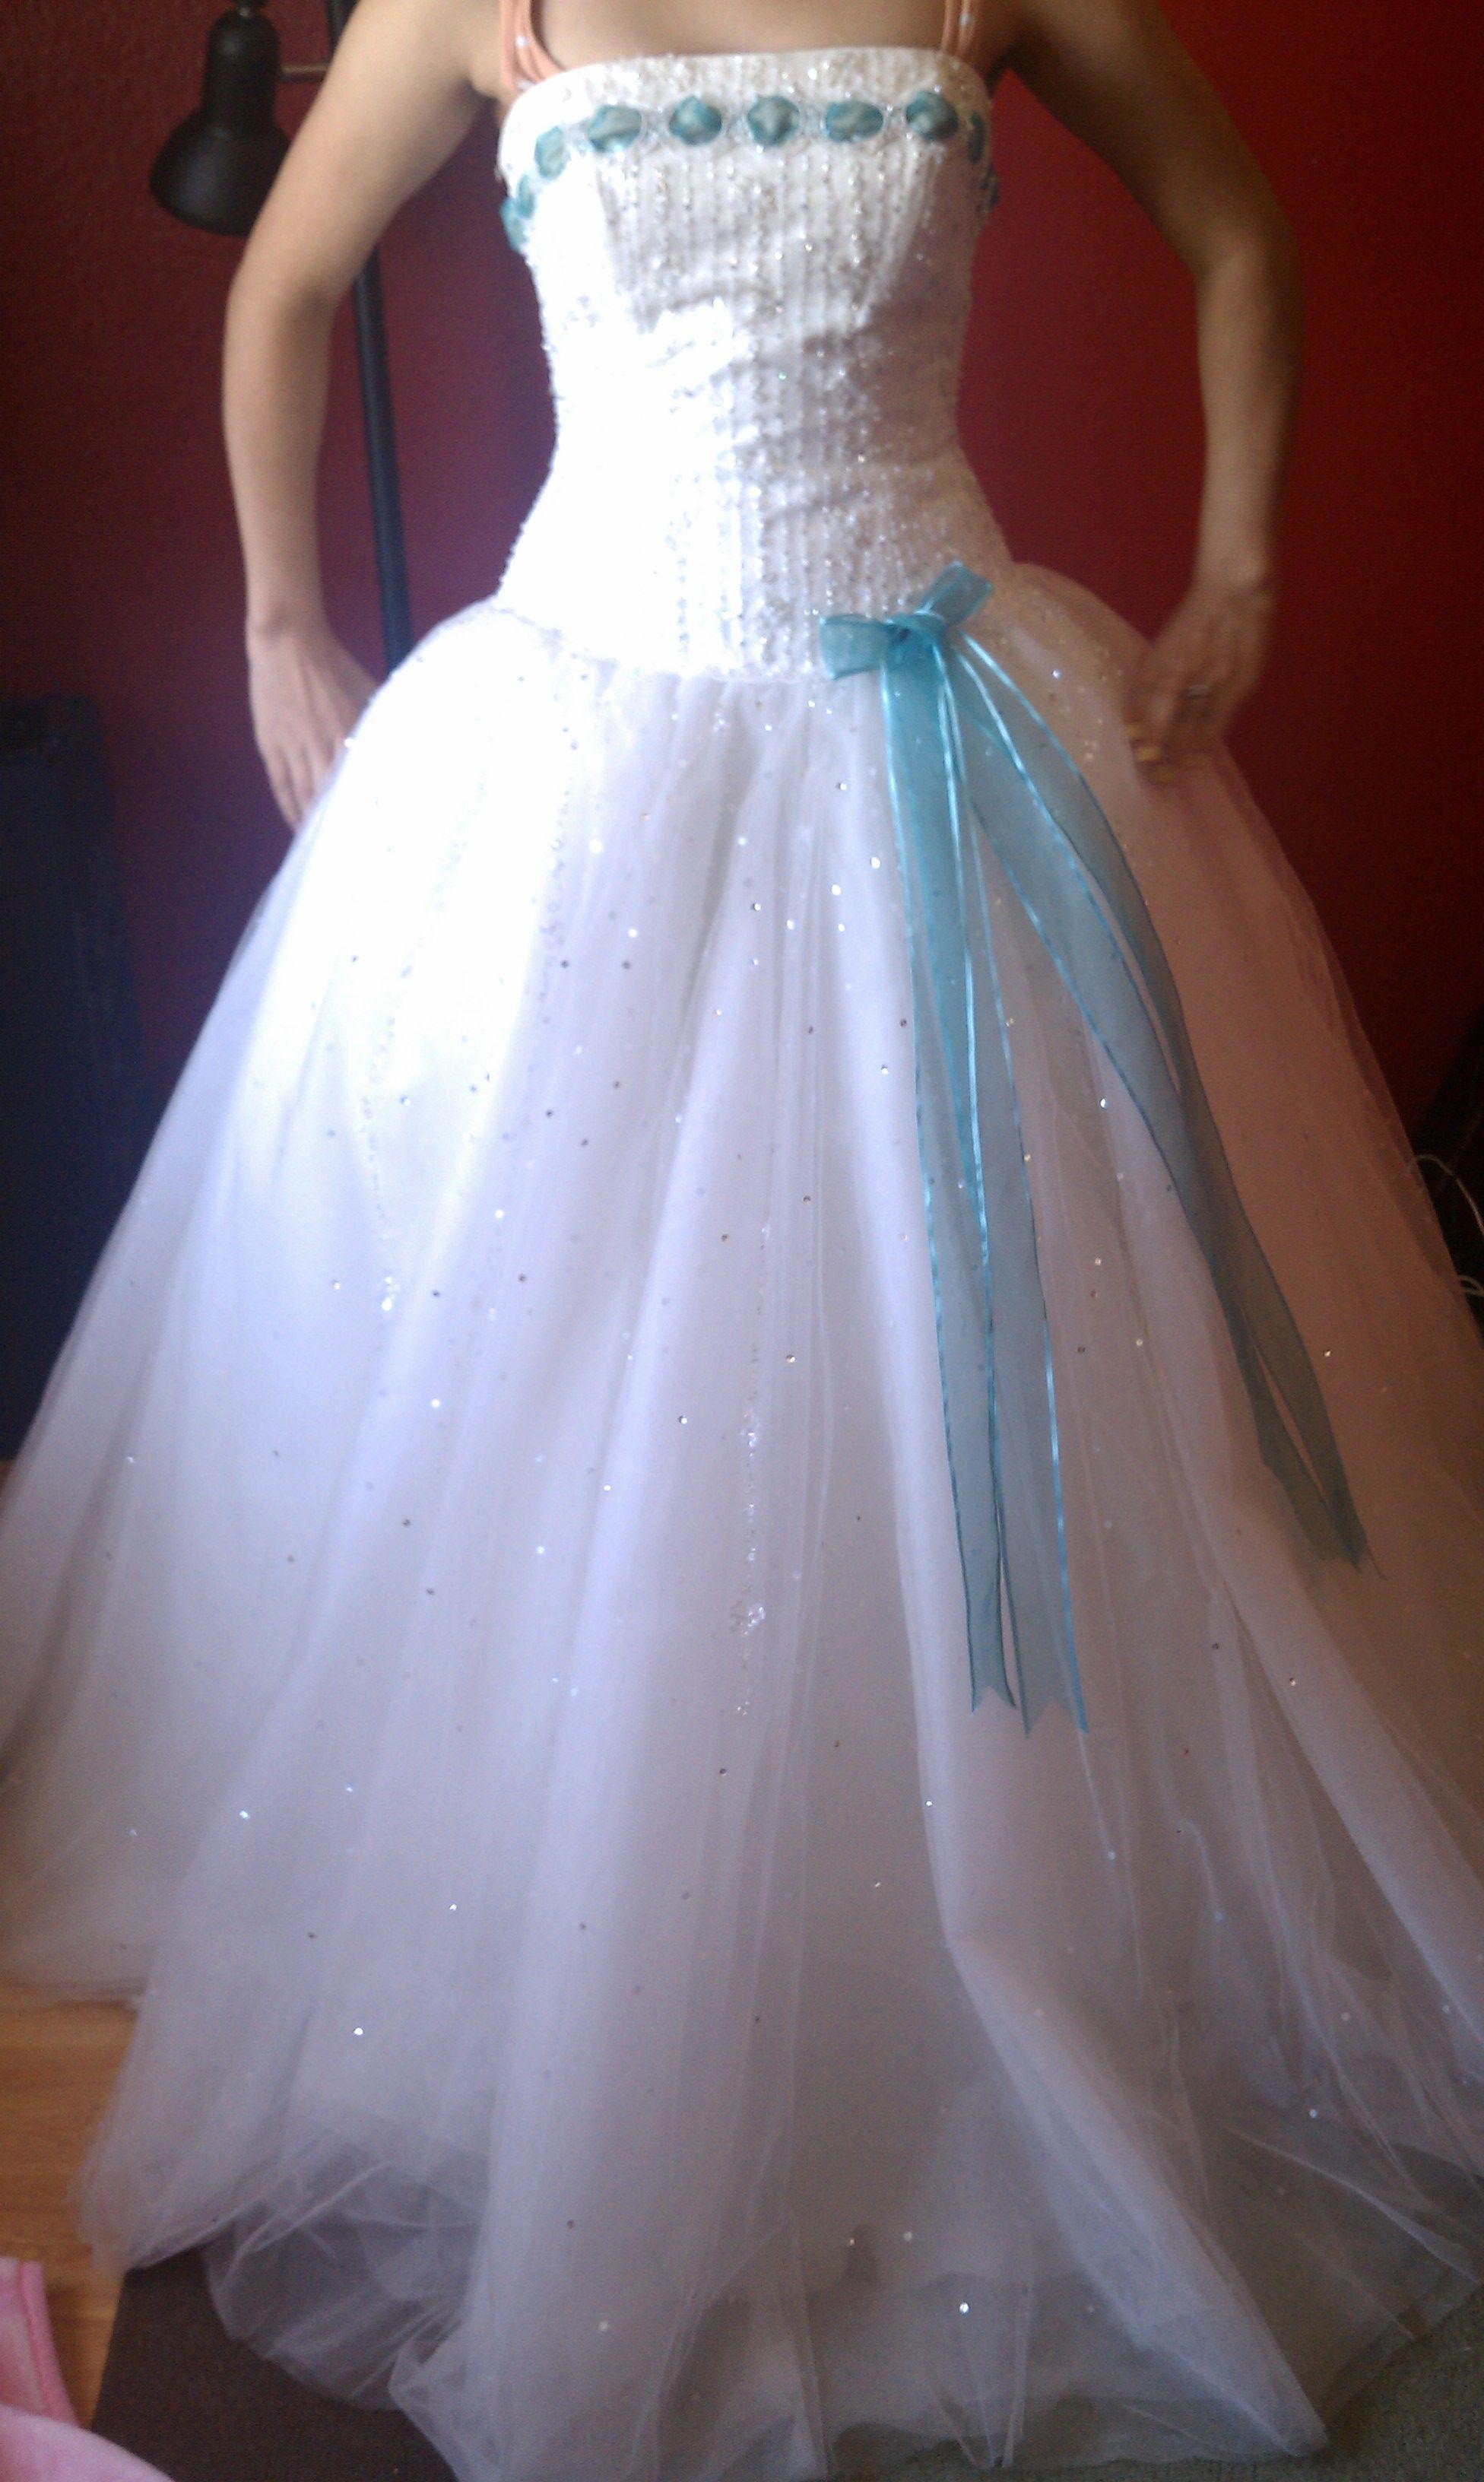 Prom Dress For Sale Craigslist - raveitsafe